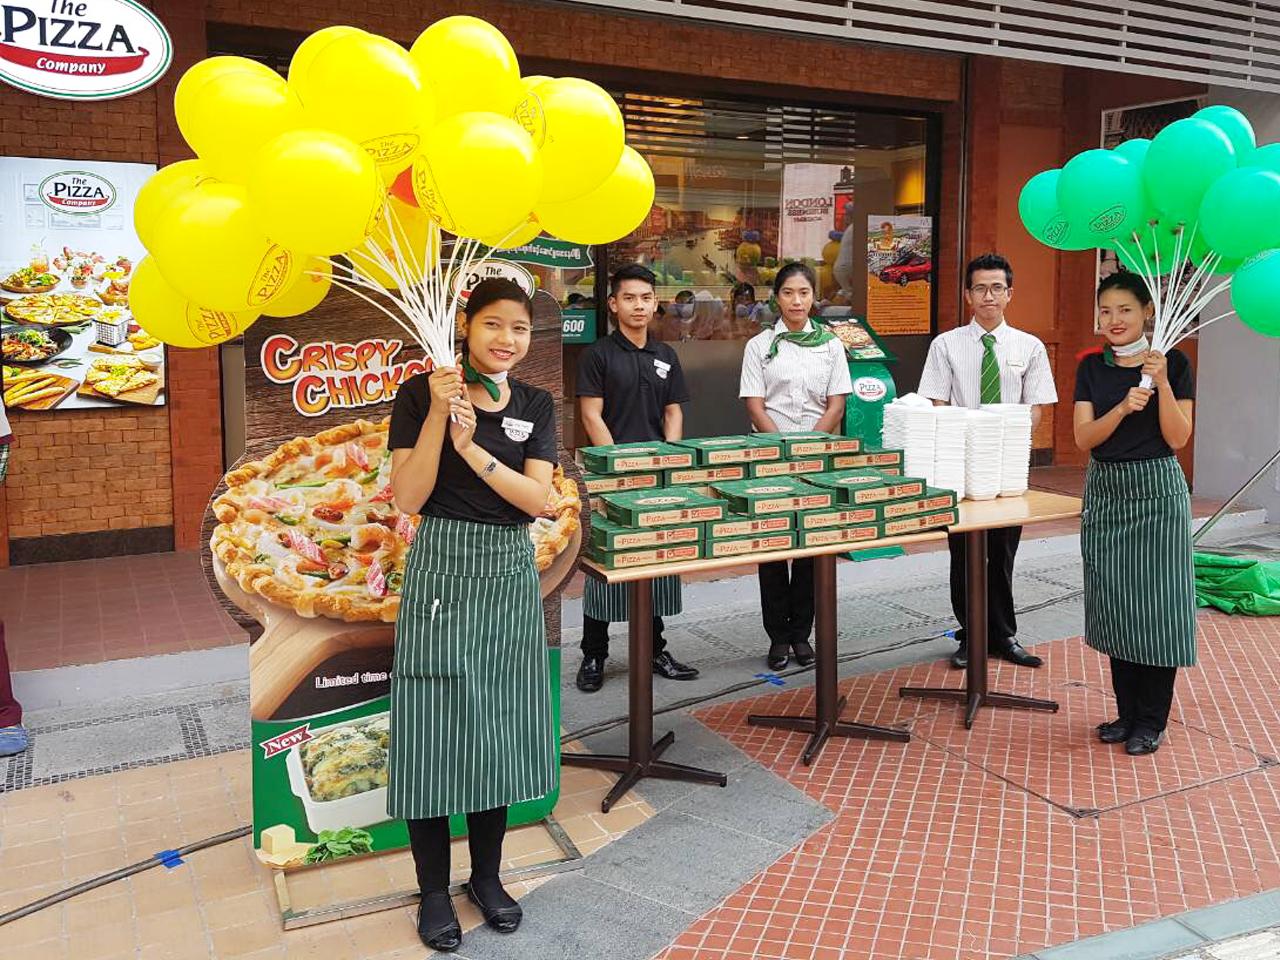 មានឆ្ងល់ទេ ហេតុអ្វី The Pizza Company ជោគជ័យនៅស្រុកខ្មែរ បើទោះបីមានដៃគូប្រកួតប្រជែងគ្រប់ច្រកល្ហក់?